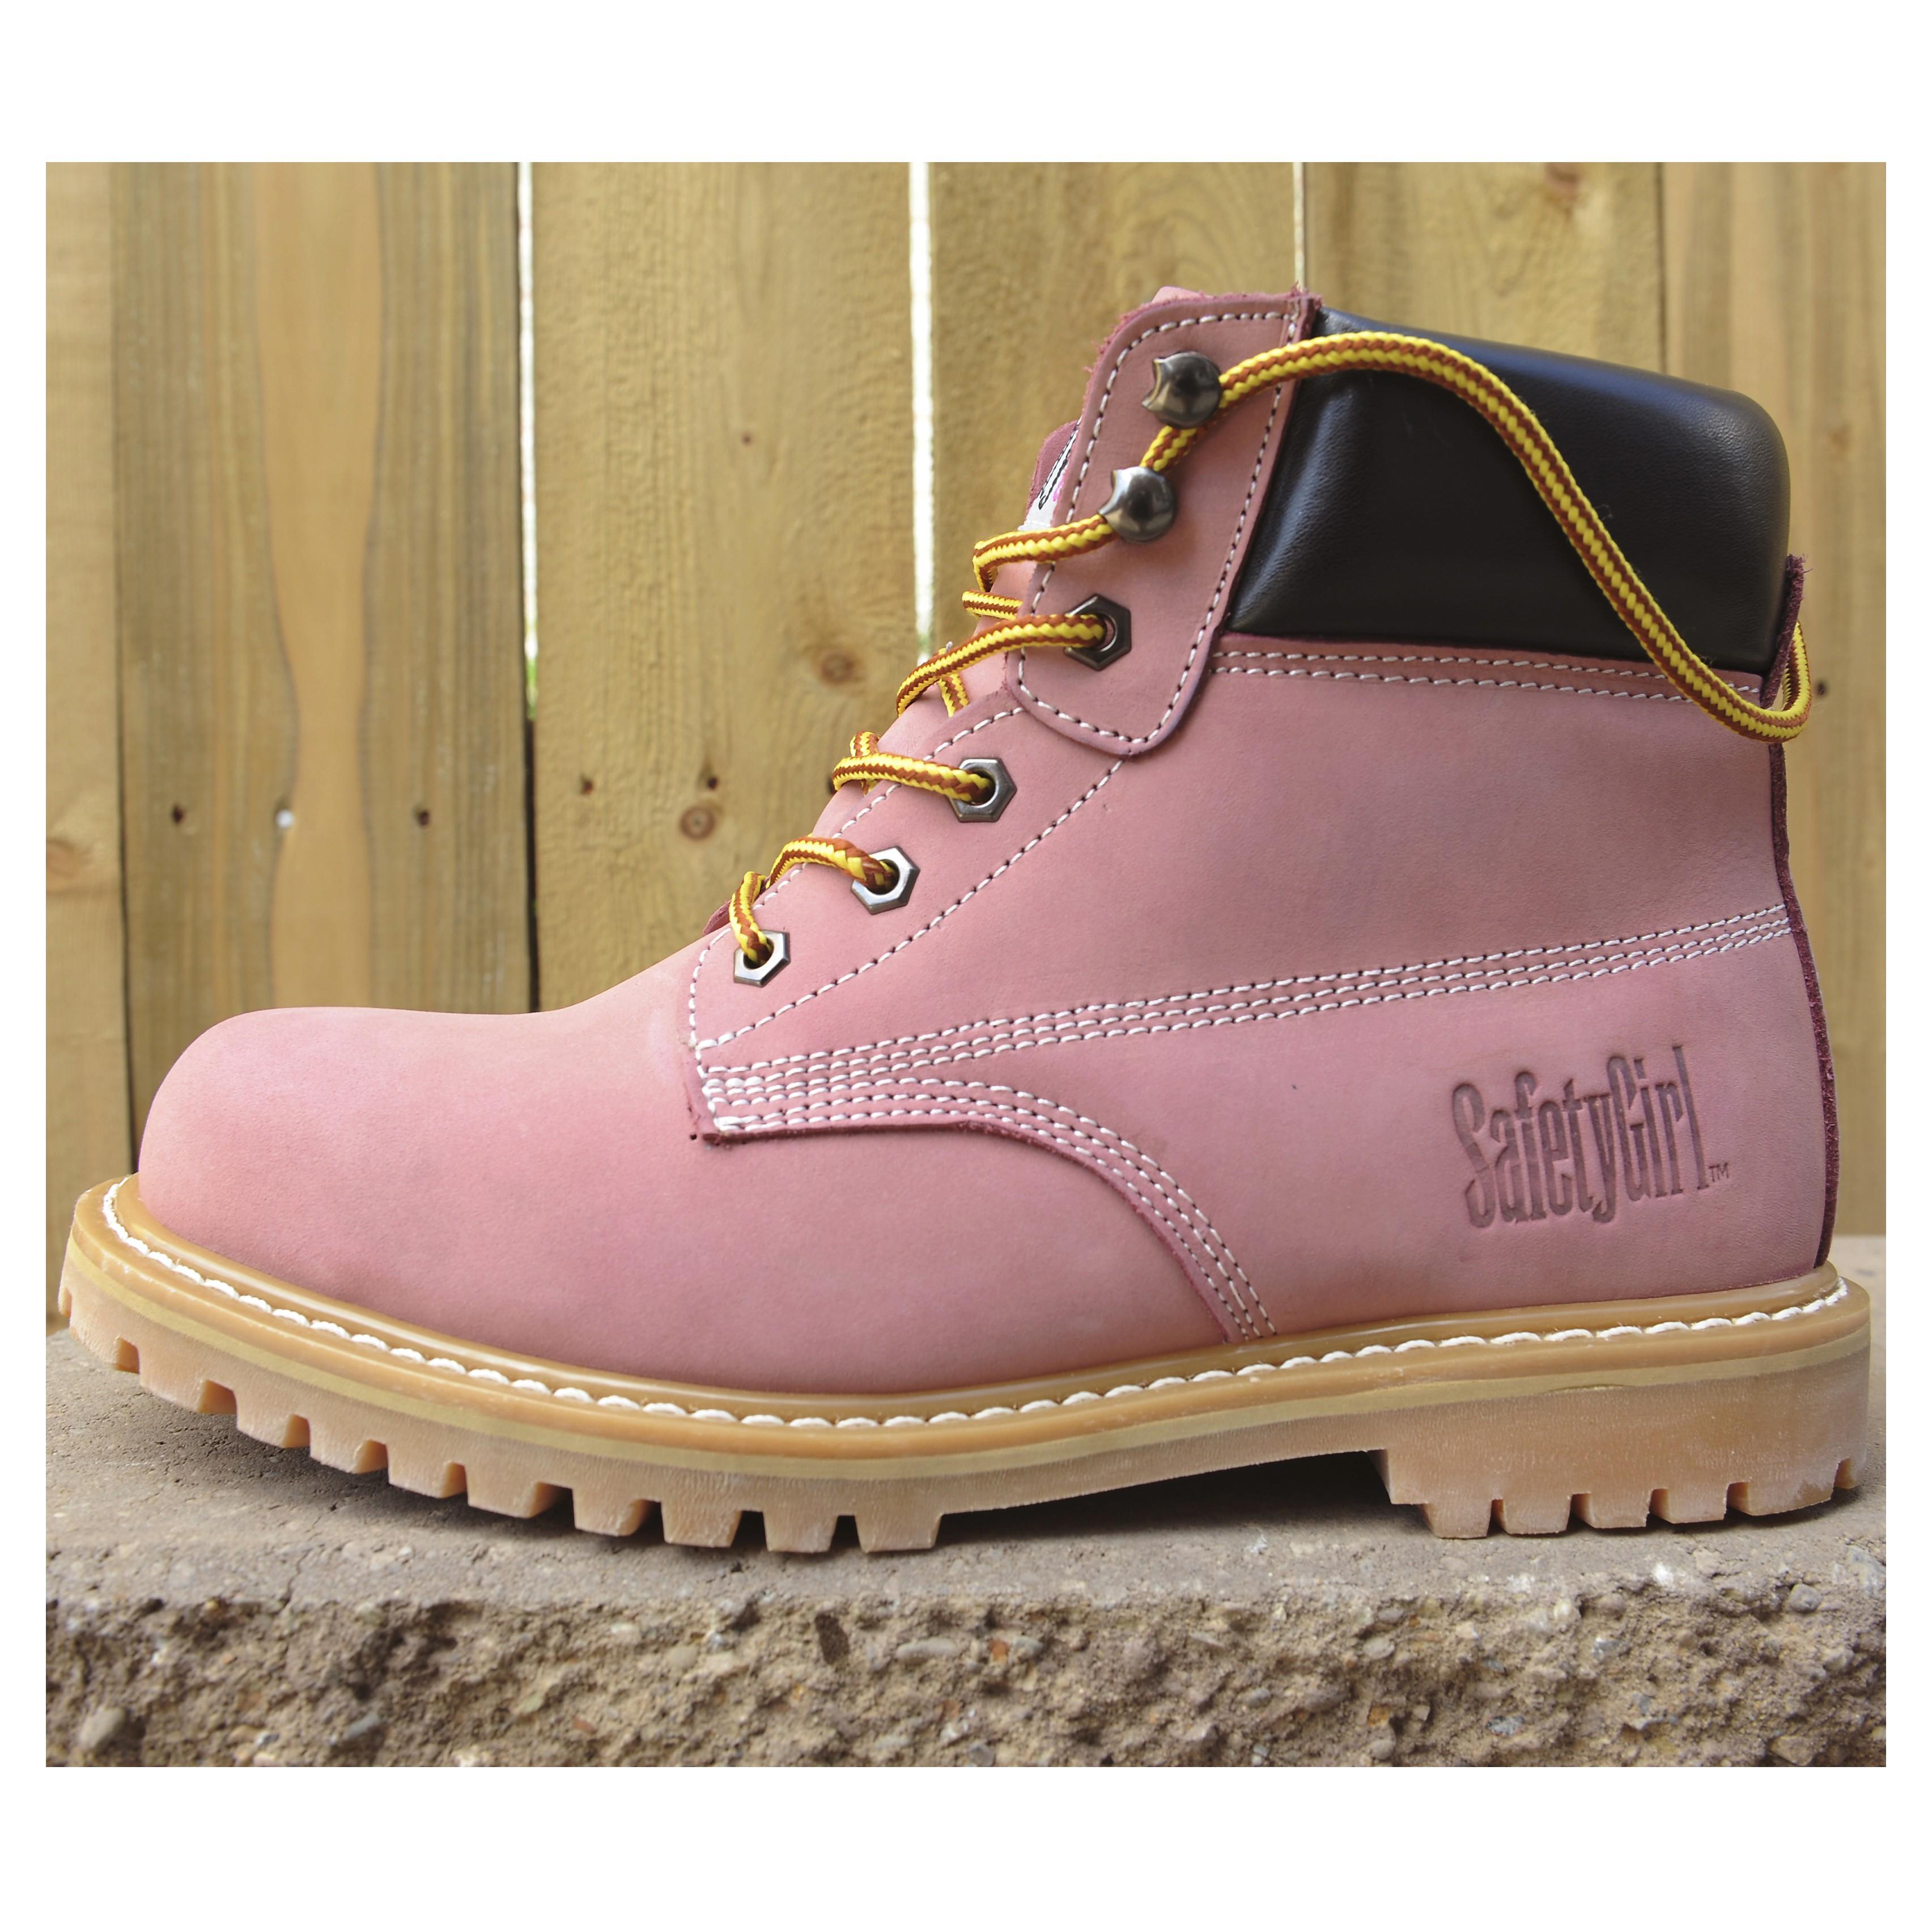 7a6fefa0ebb SafetyGirl Steel Toe Waterproof Womens Work Boots | Safety Guardian